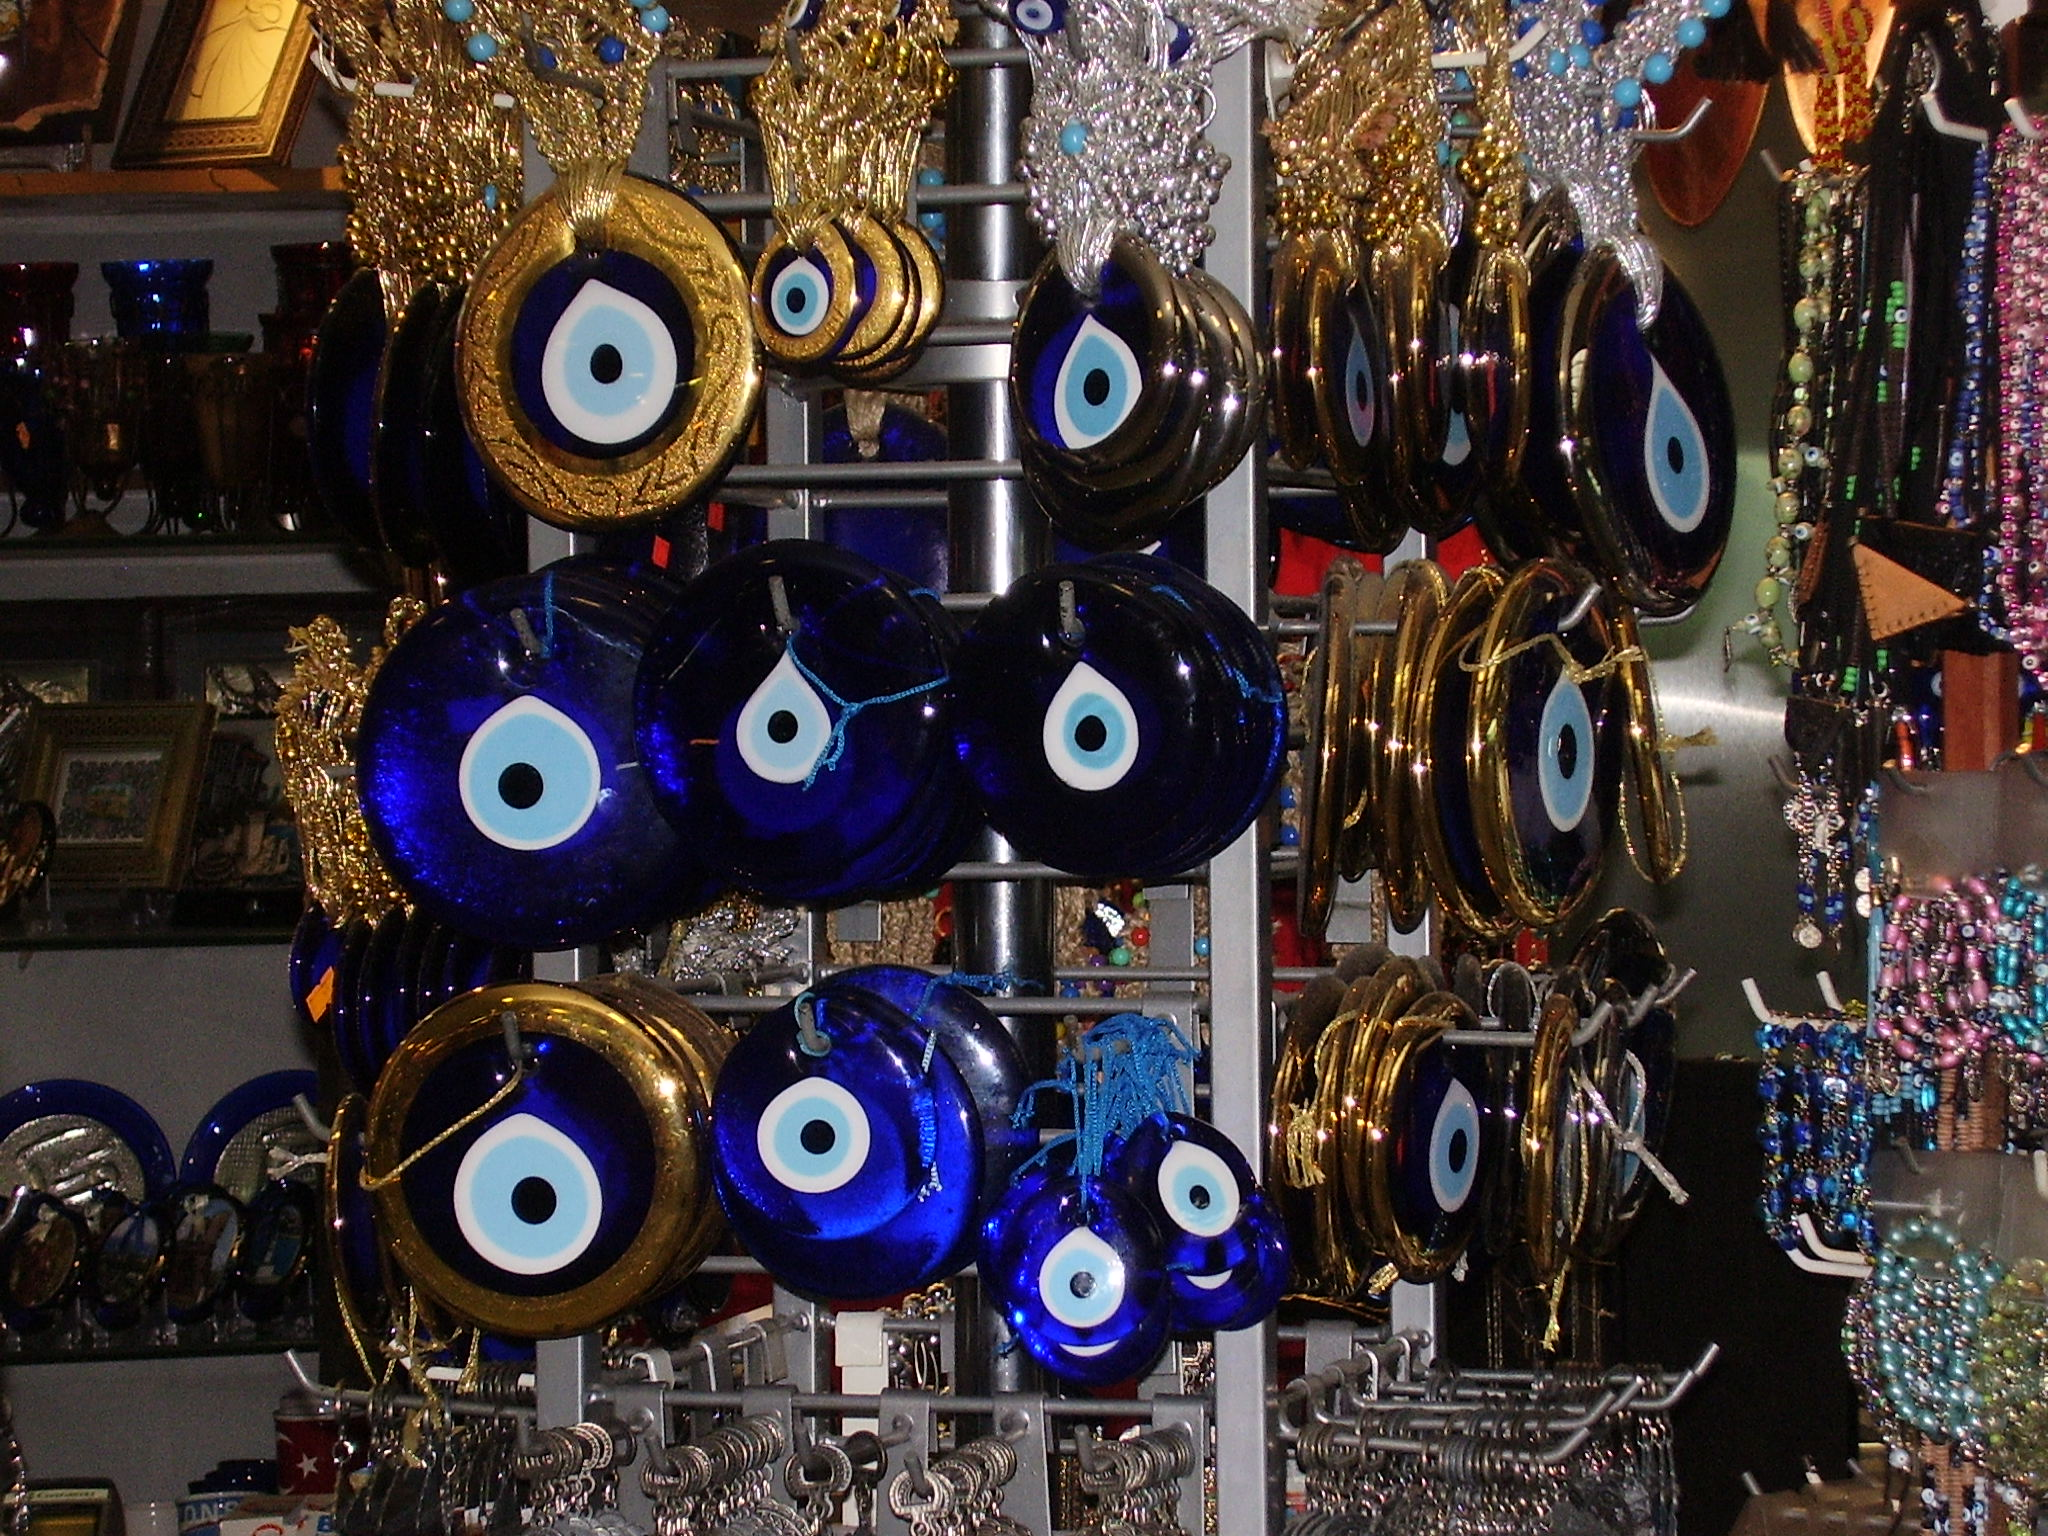 amuleto ojo turco donde comprar, ojo turco plata